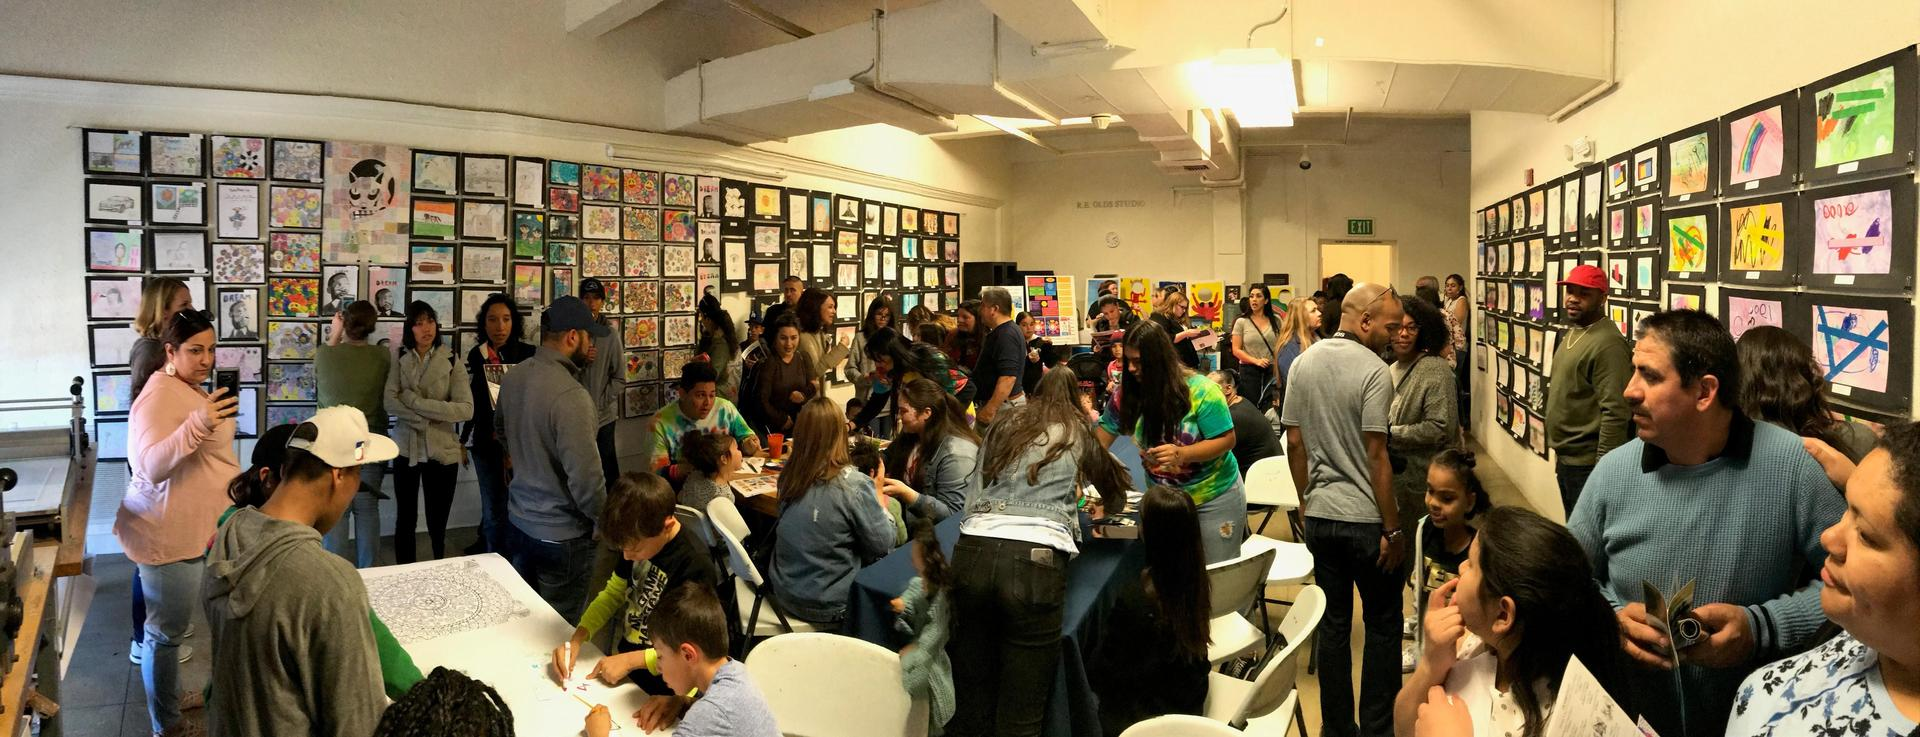 Panoramic Photo of Art Show